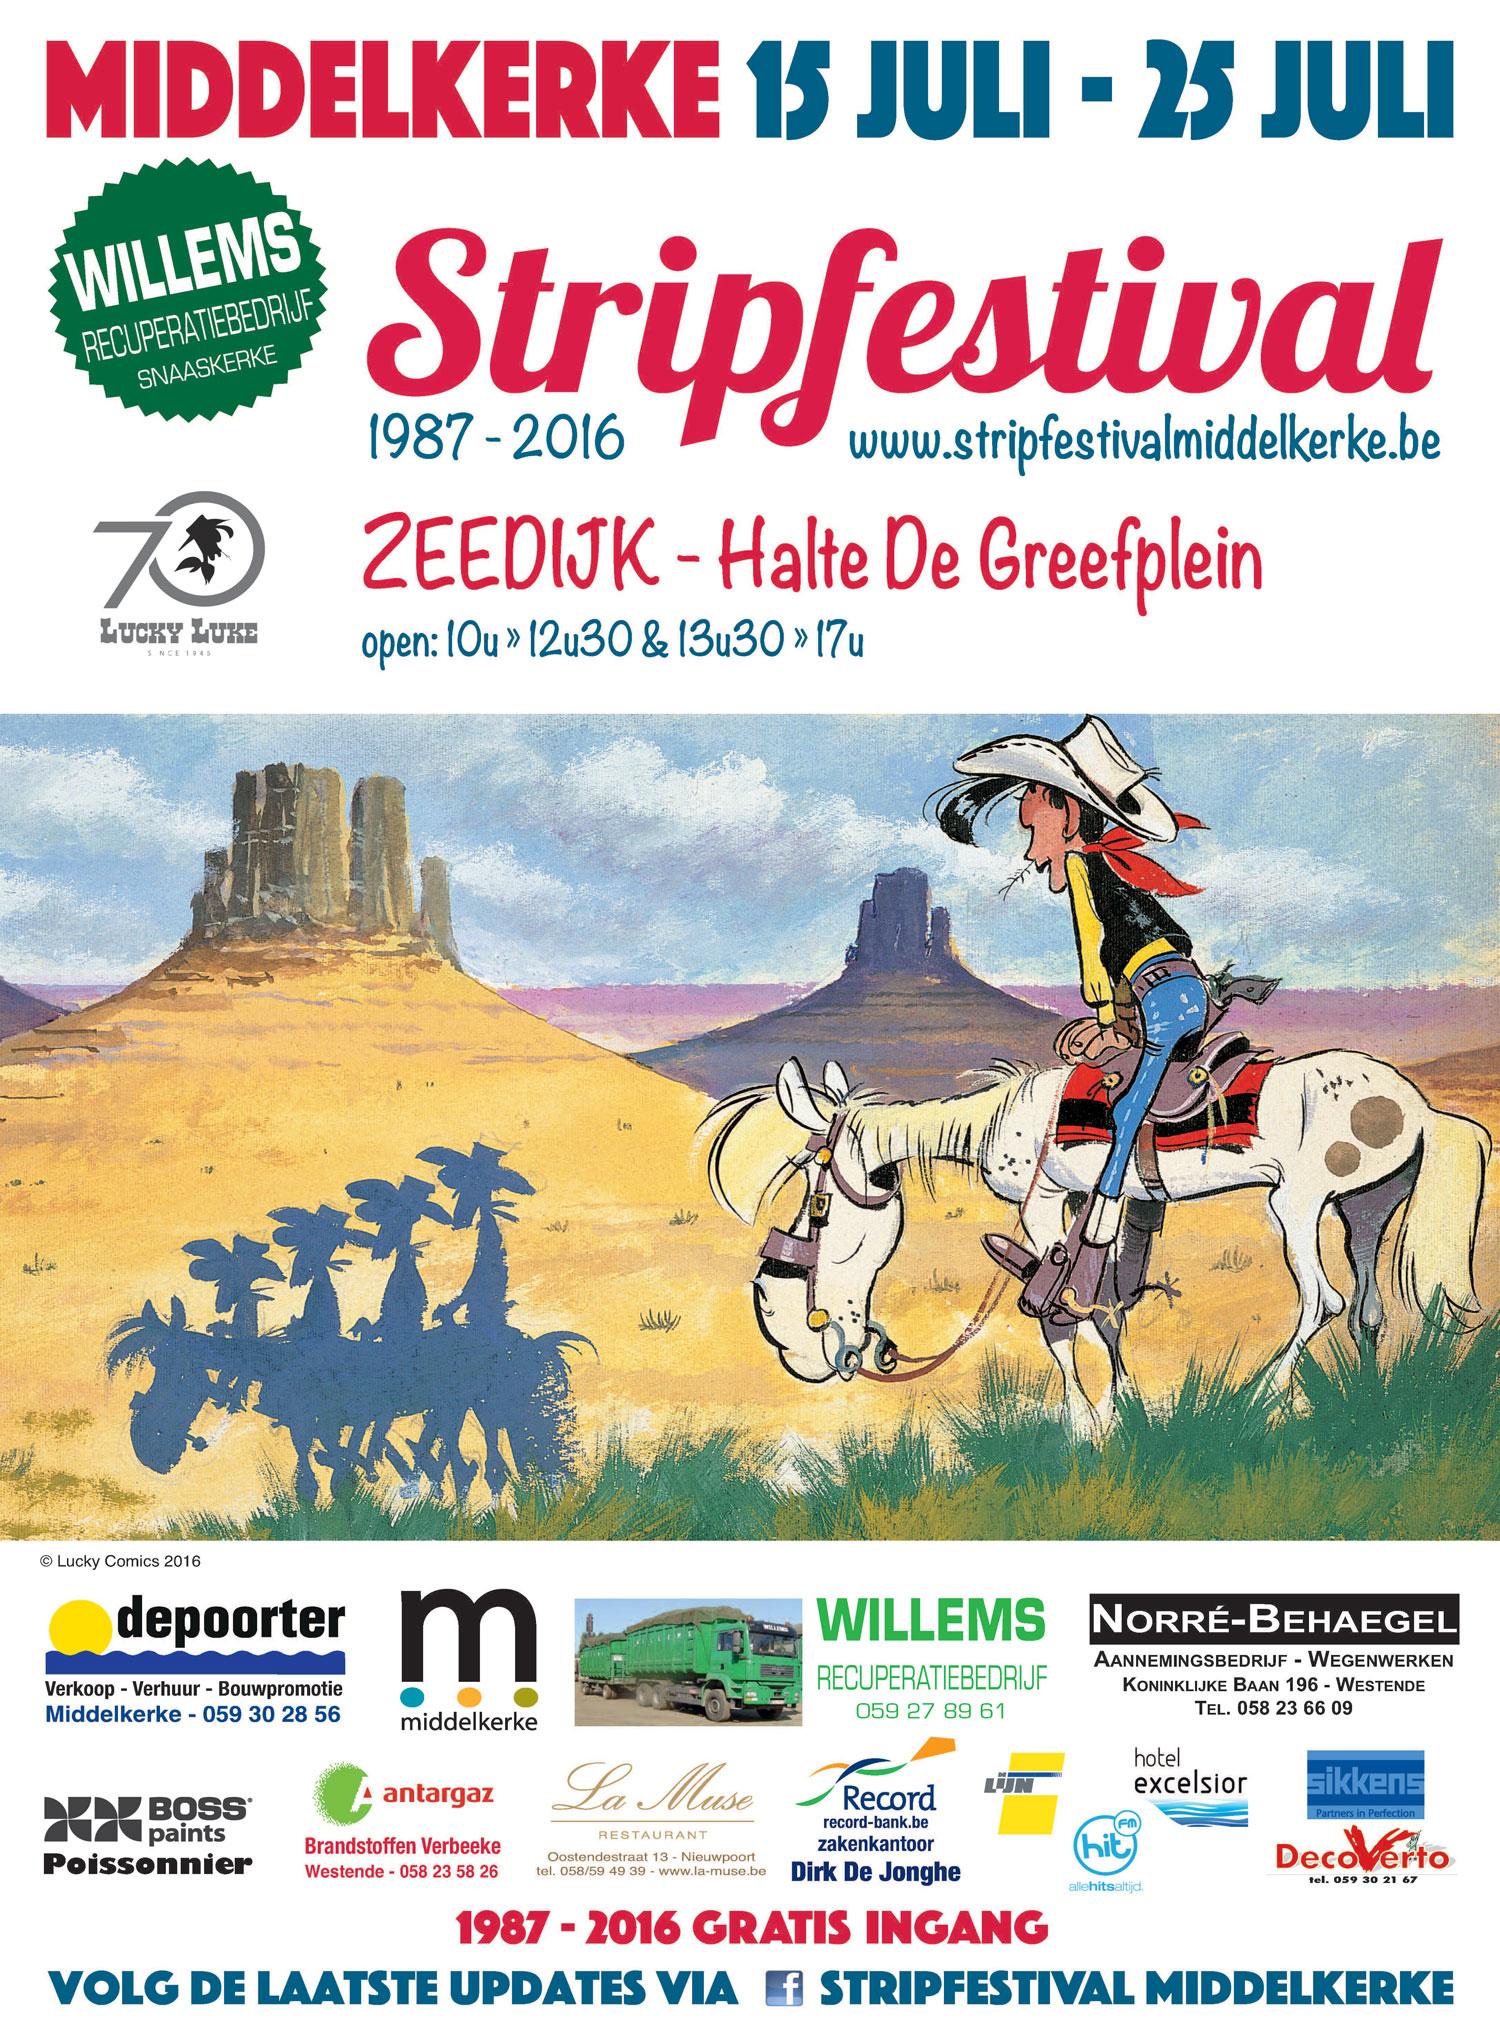 Stripfestival Middelkerke